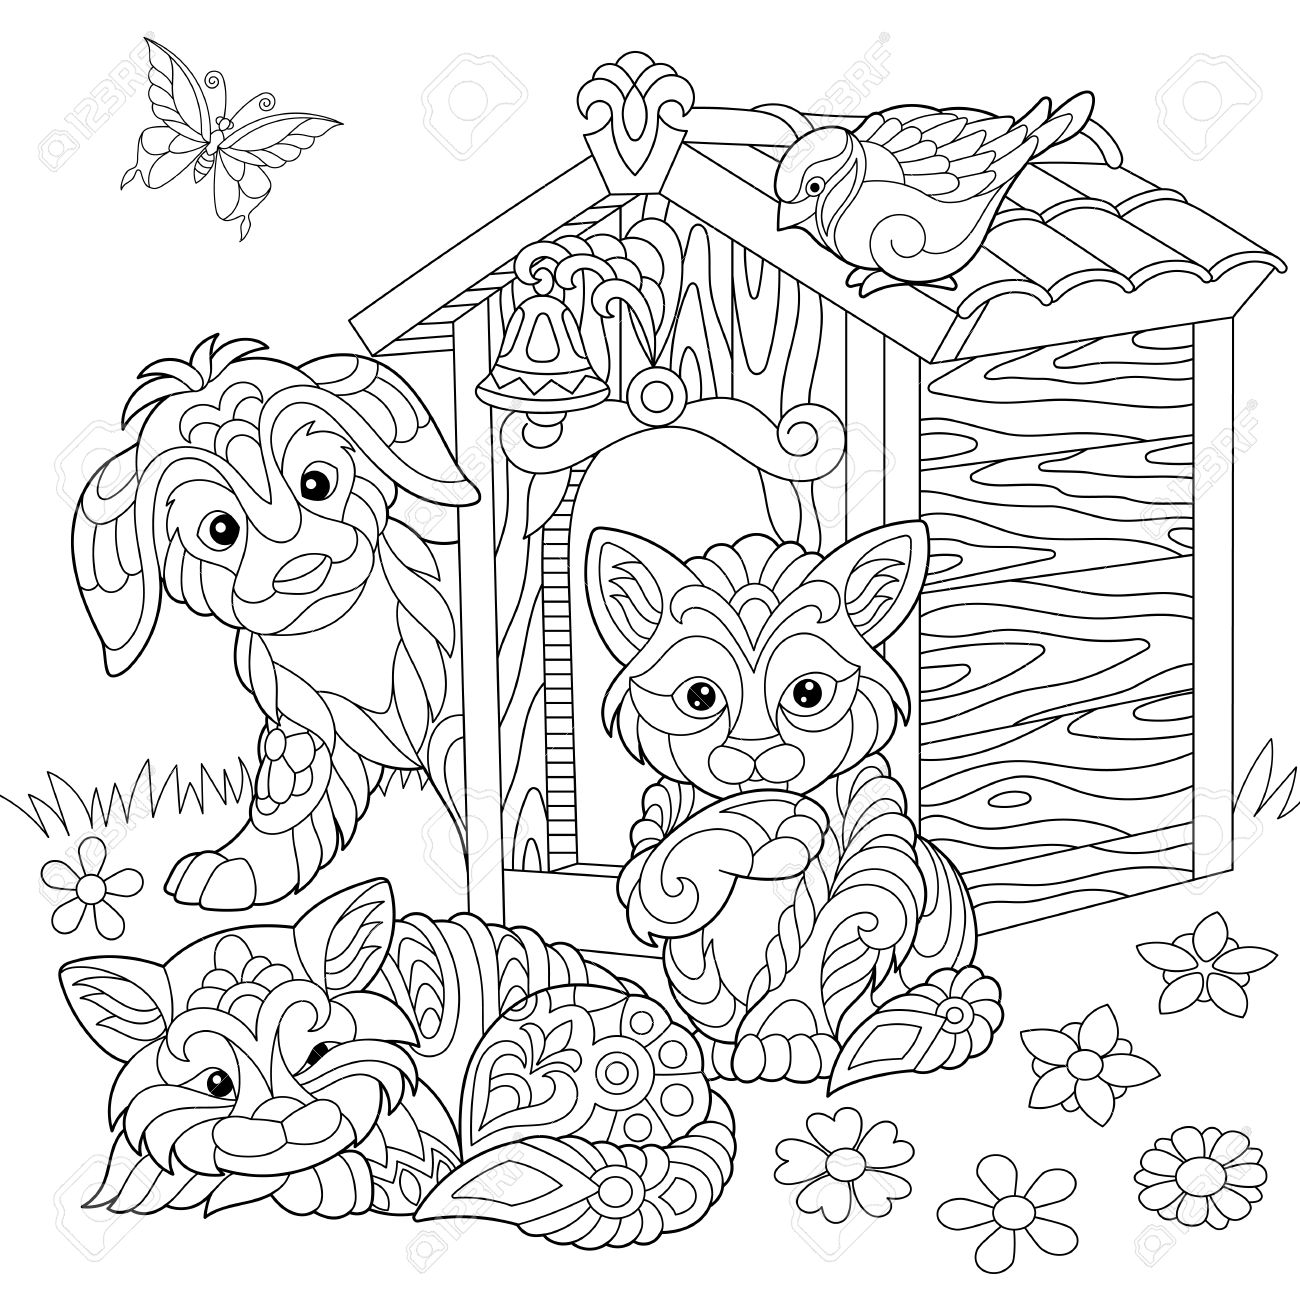 Malvorlage Von Hund, Zwei Katzen, Sperling Vogel Und Schmetterling ...